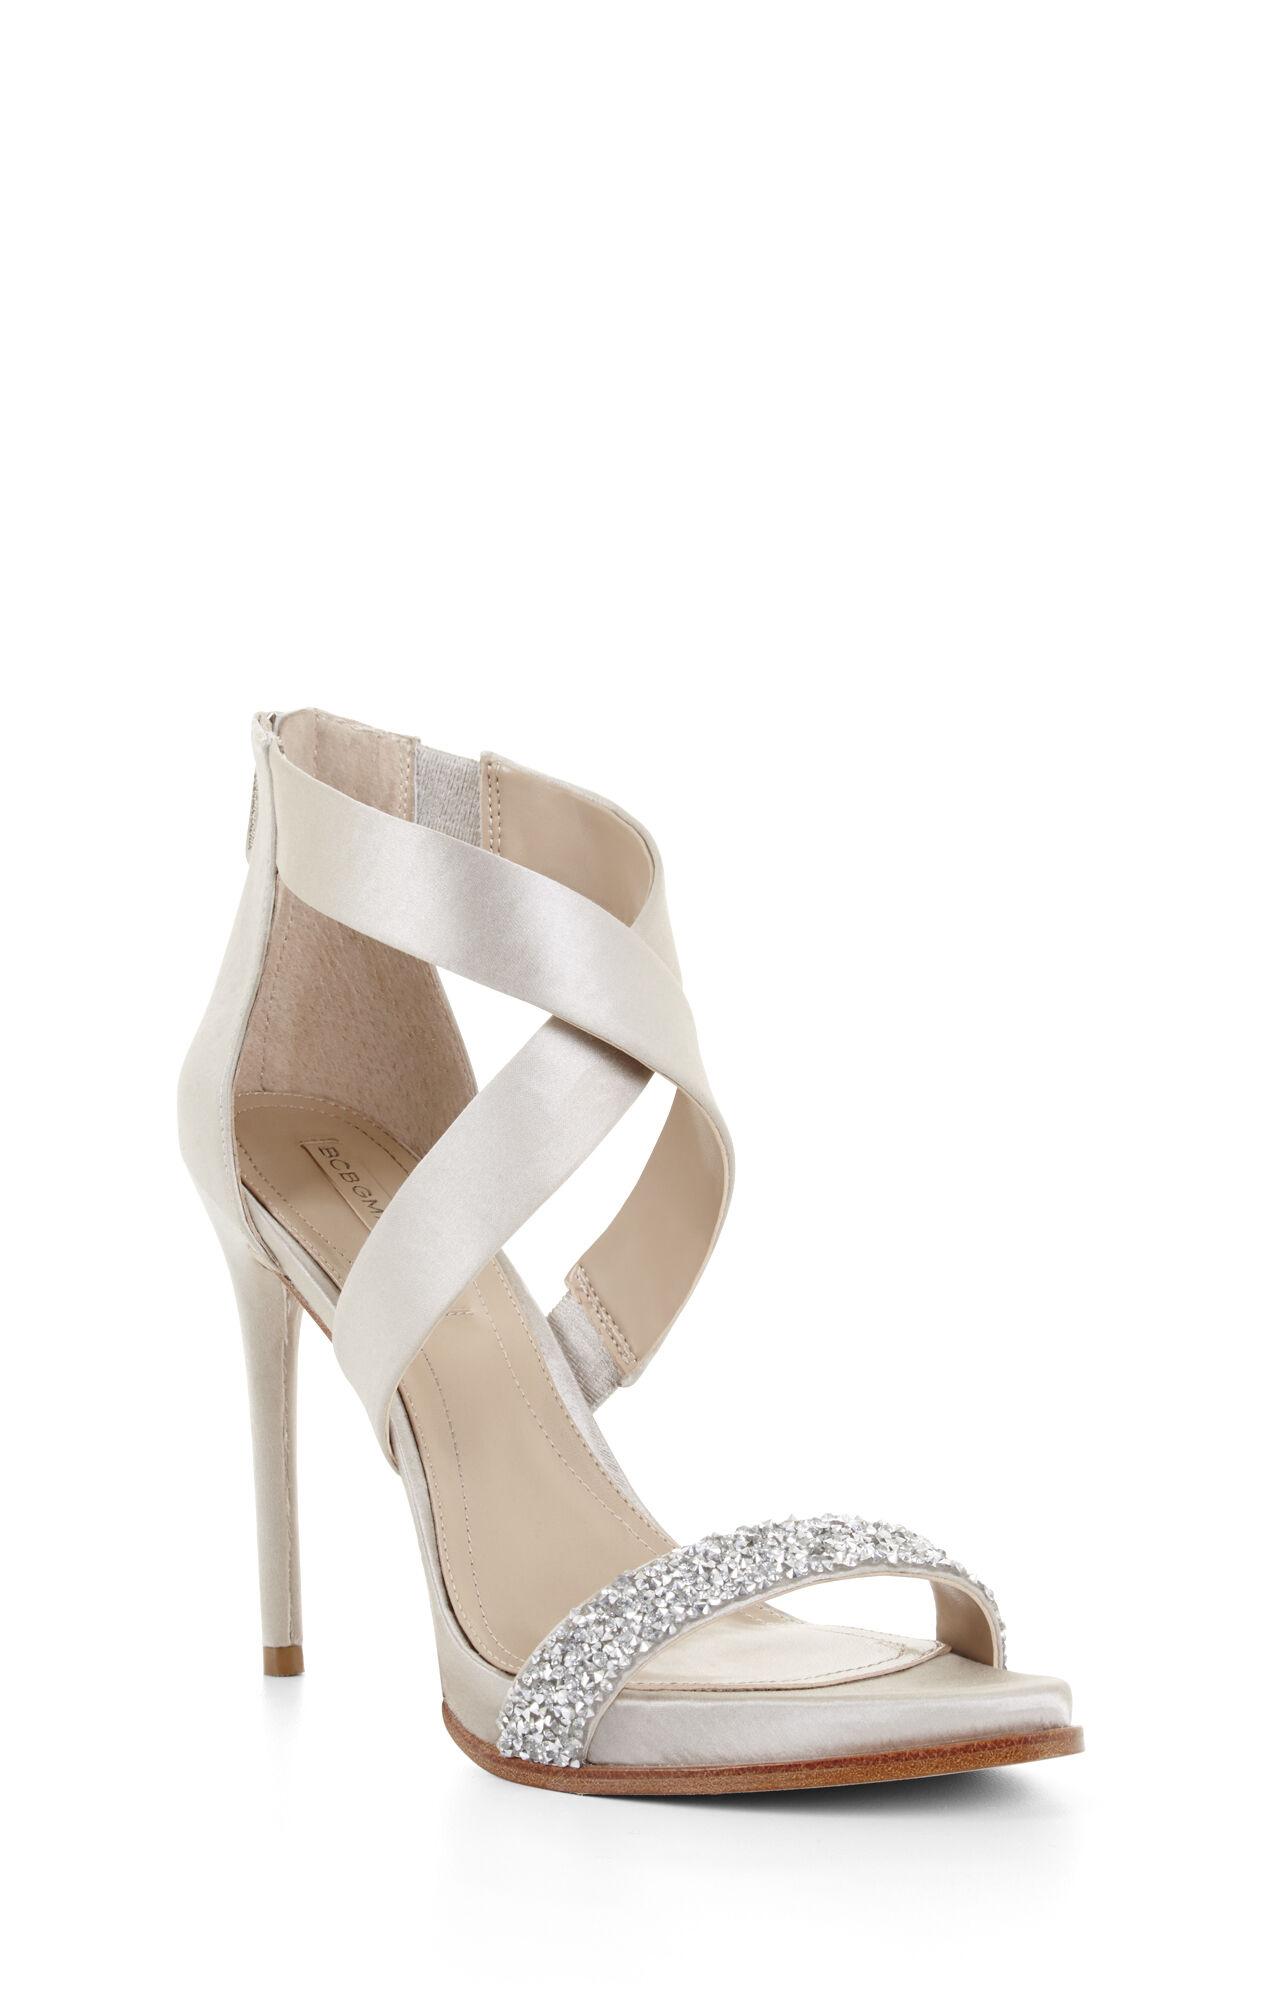 Elyse High-Heel Crisscross Ankle Day Sandal